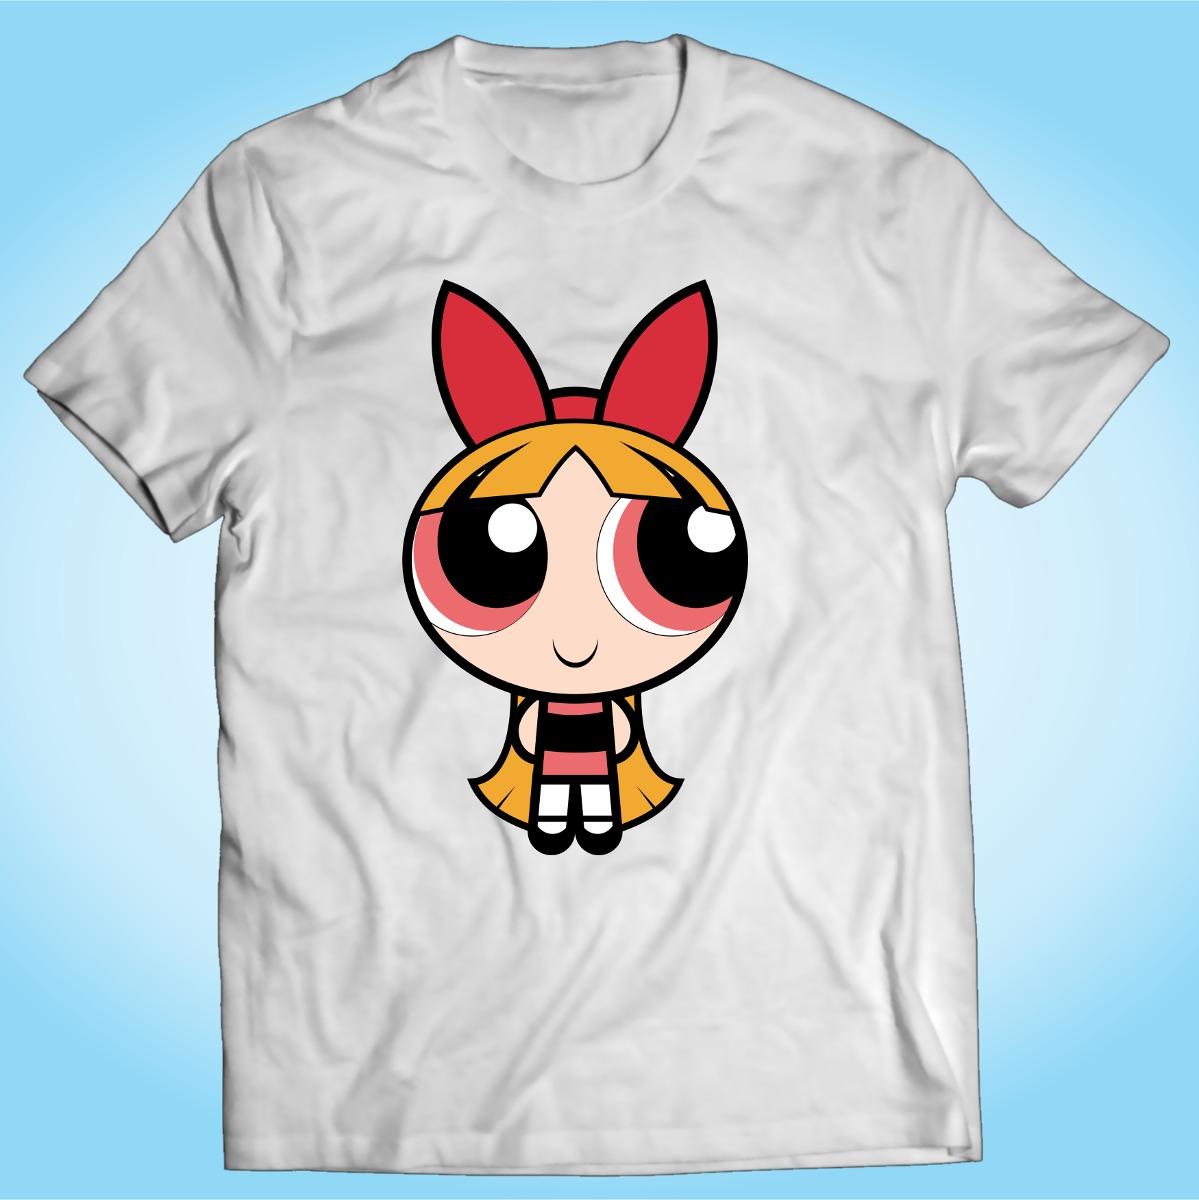 camisa meninas super poderosas florzinhas desenho tv r 27 90